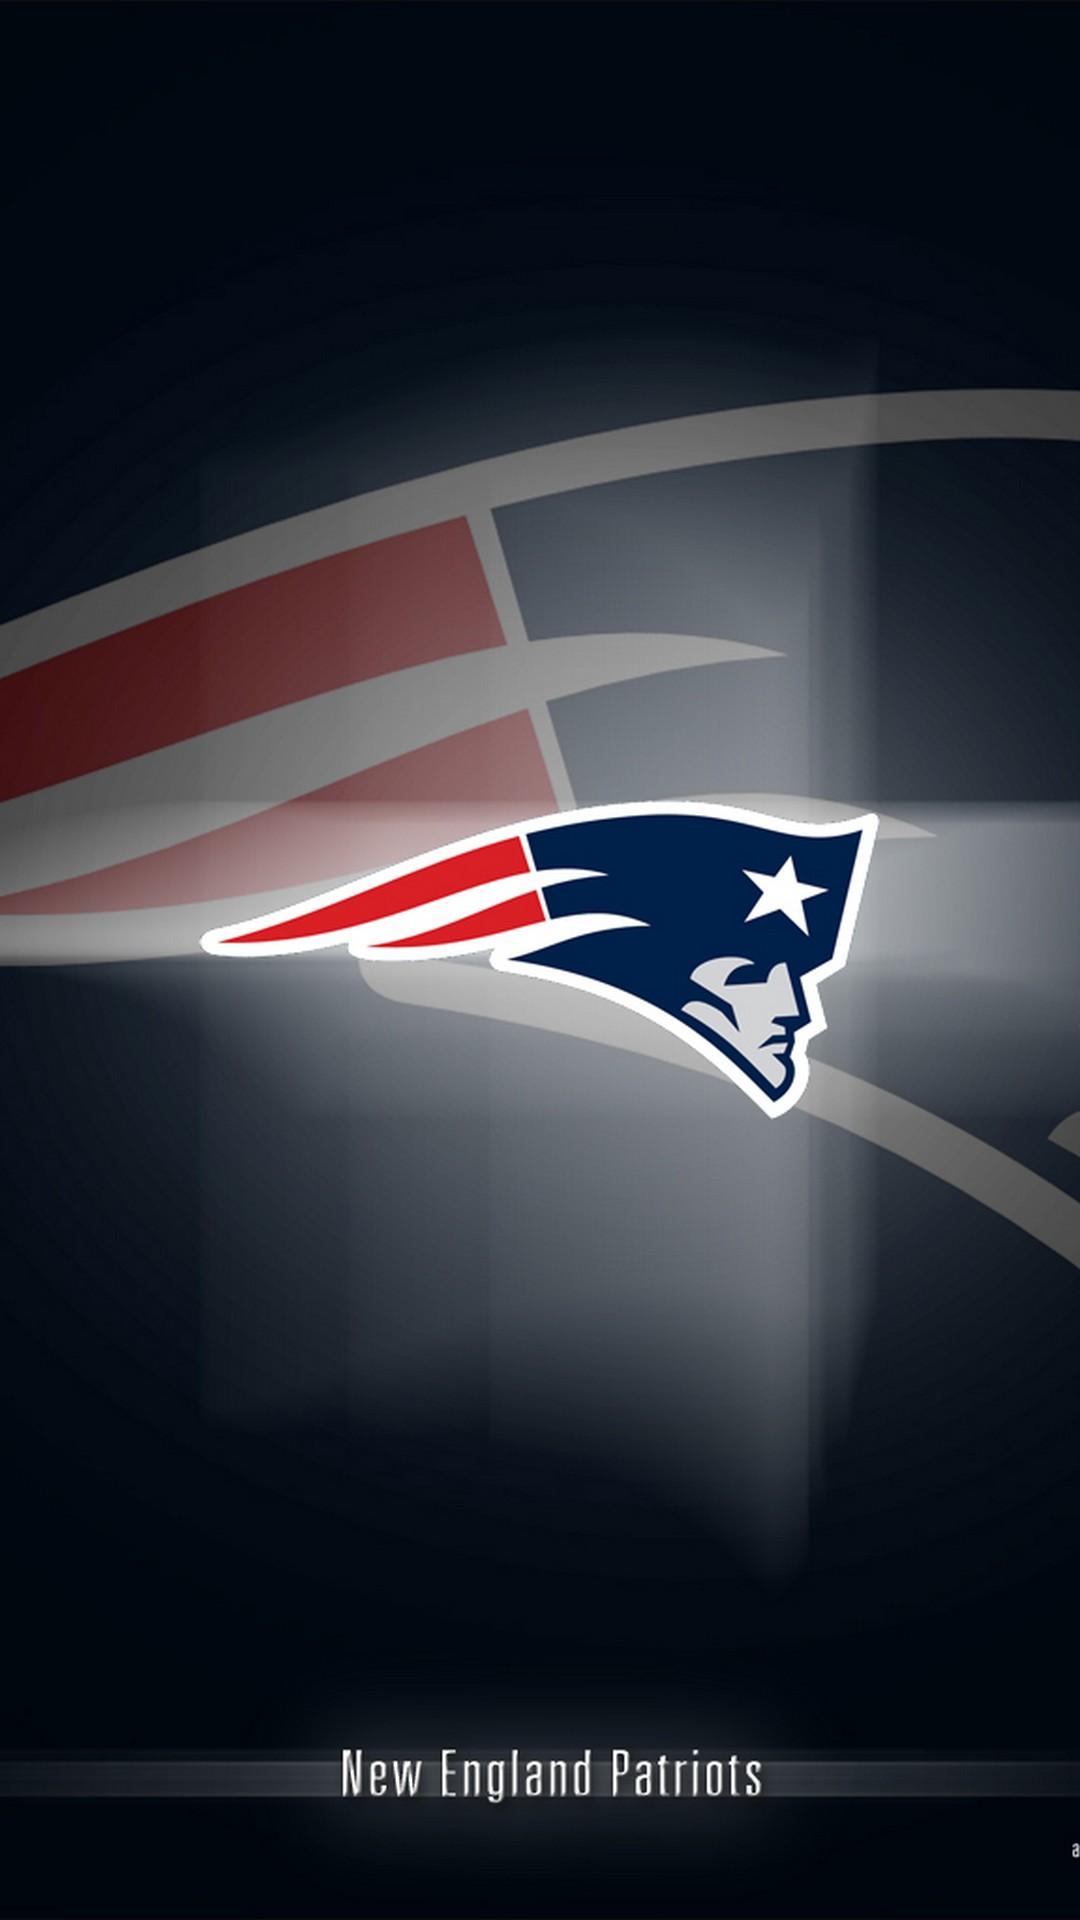 New England Patriots Iphone 8 Plus Wallpaper With High-resolution - New England Patriots Wallpaper 2019 - HD Wallpaper